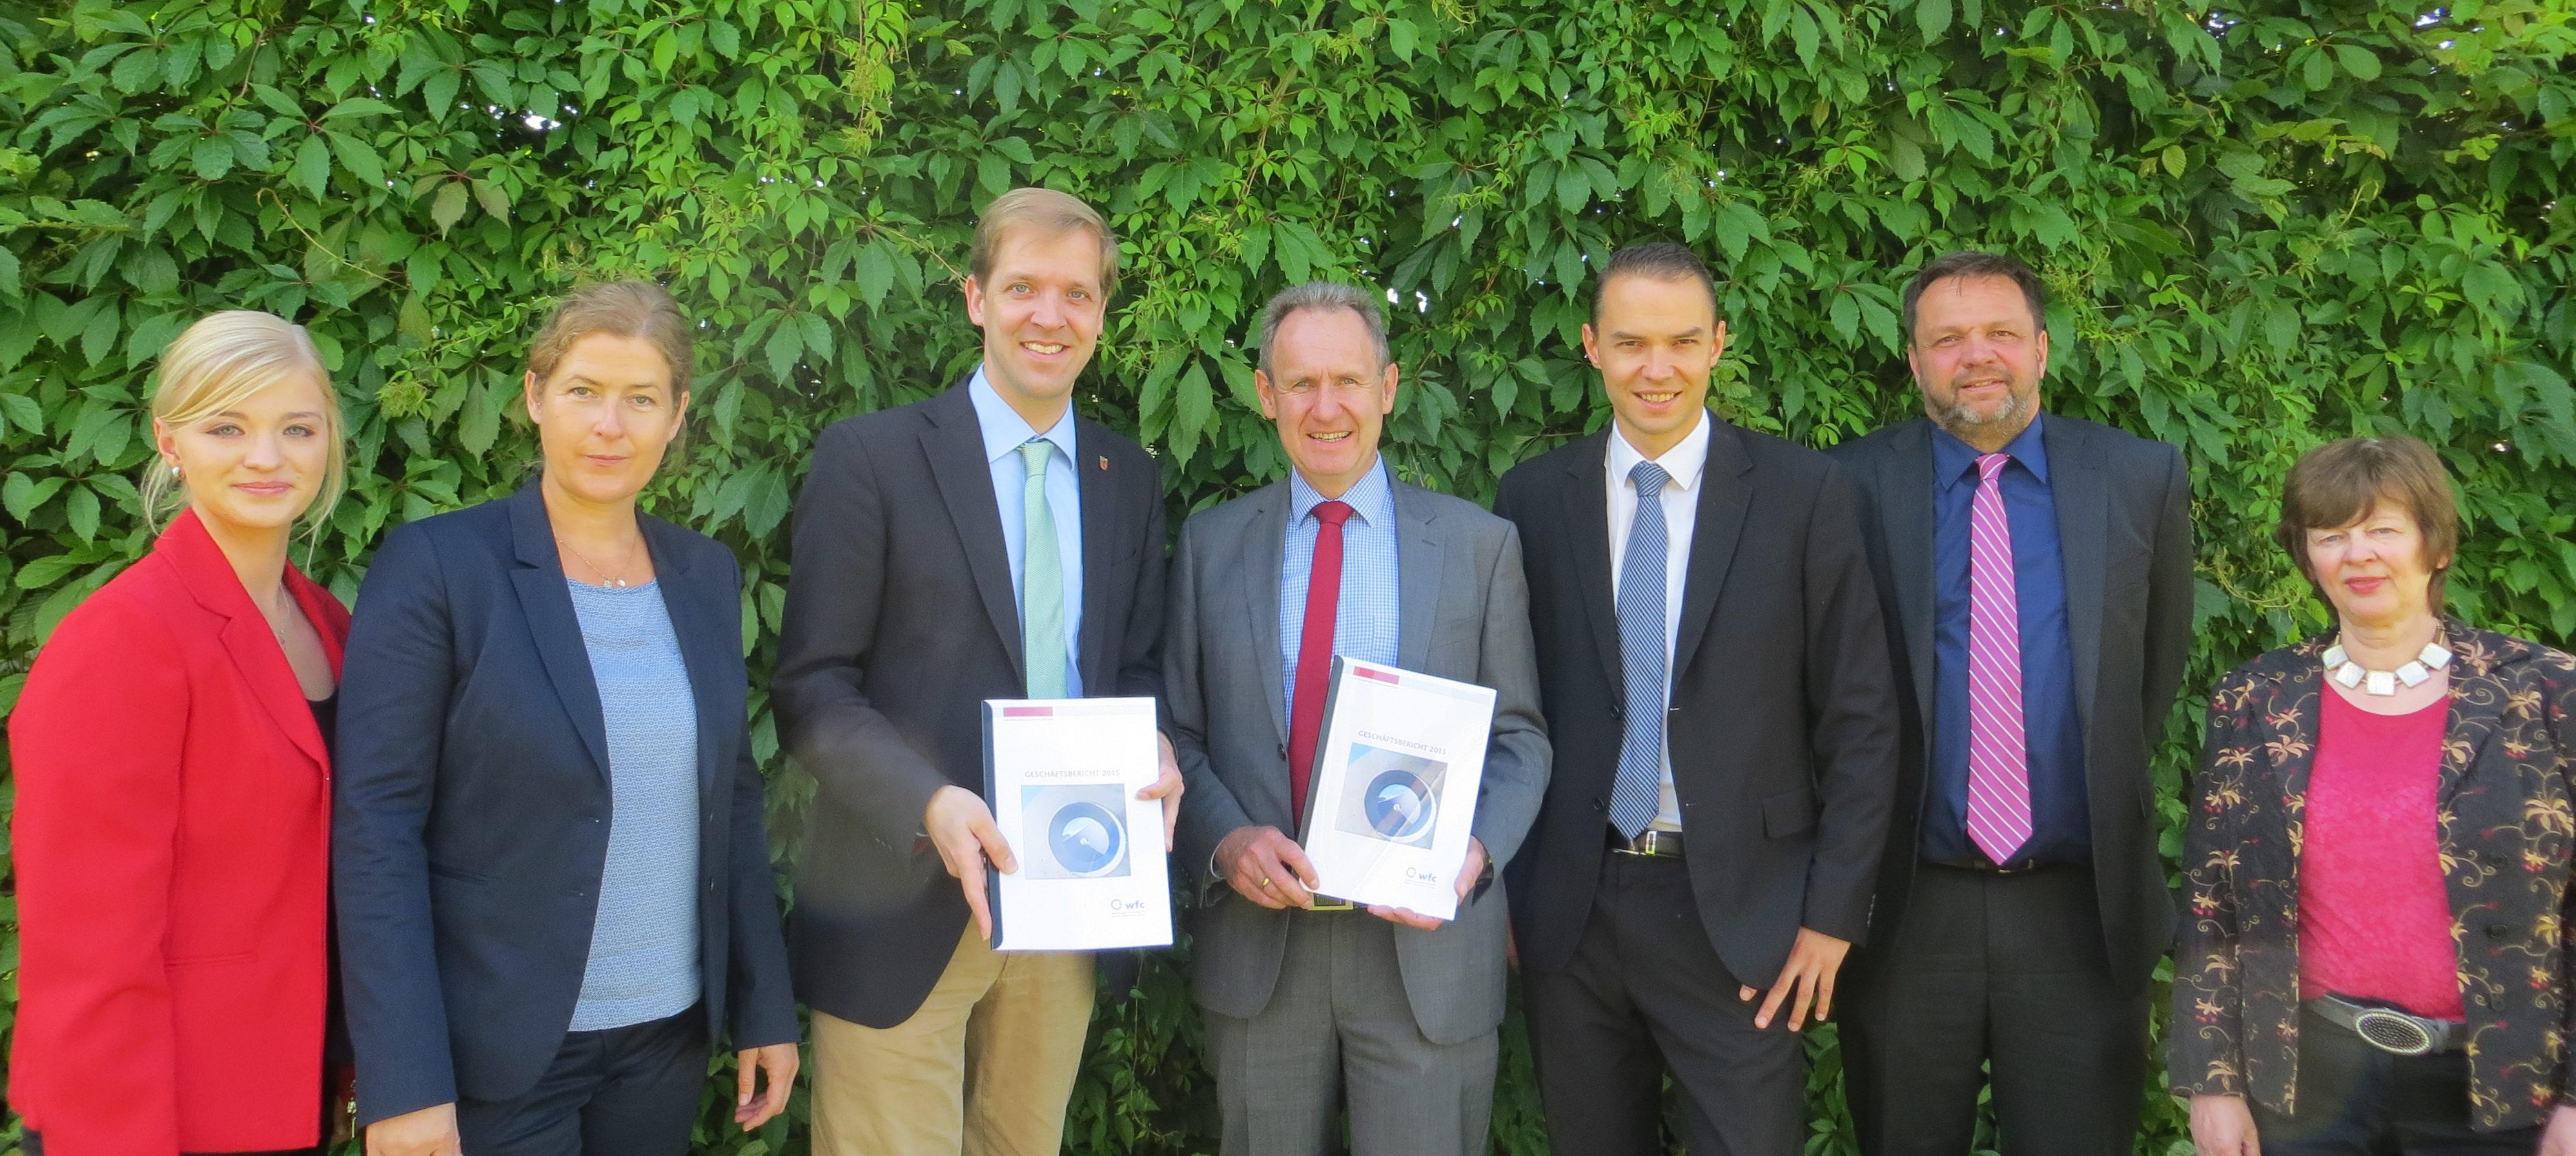 Wirtschaftsförderung Kreis Coesfeld legt Geschäftsbericht 2015 vor